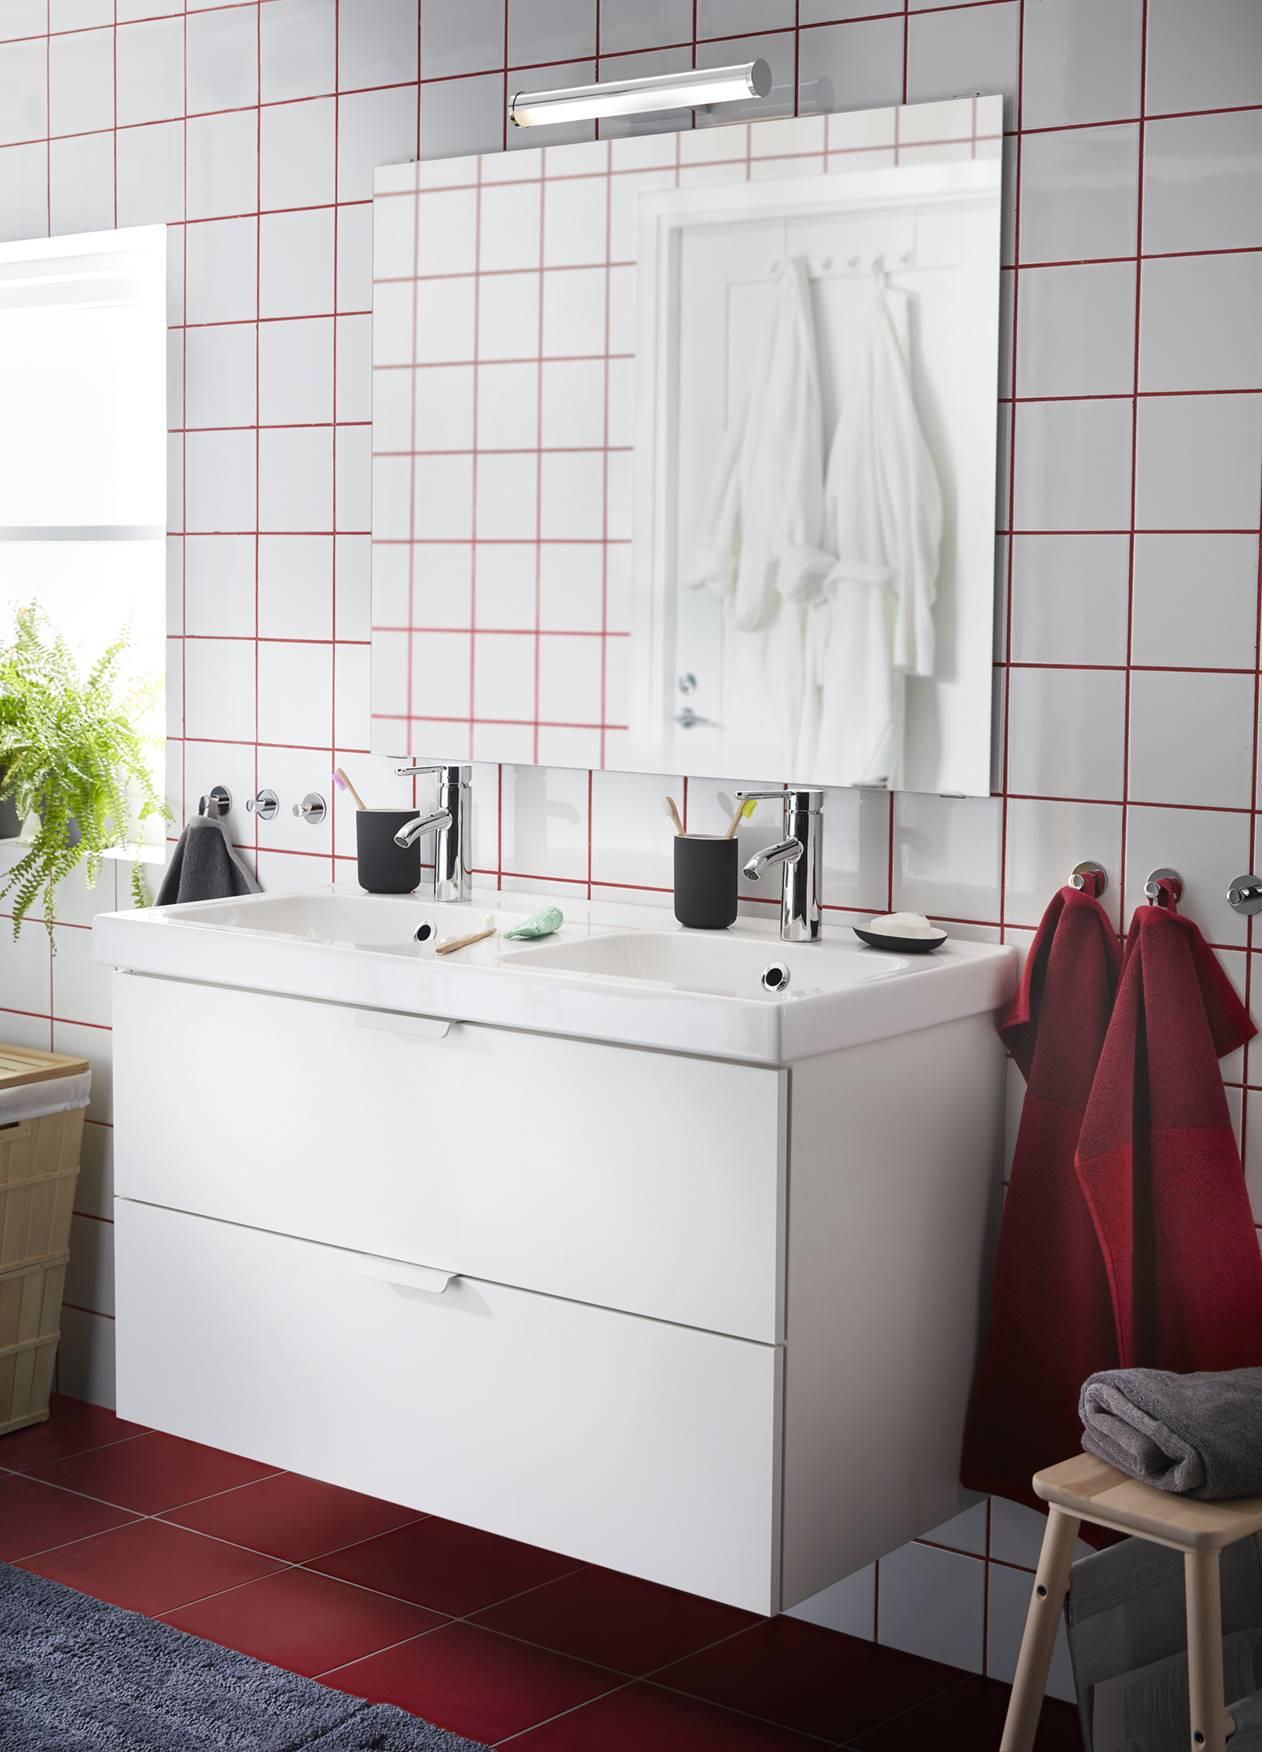 Mueble 50 25 150 Ikea Cuarto Baño  dallas